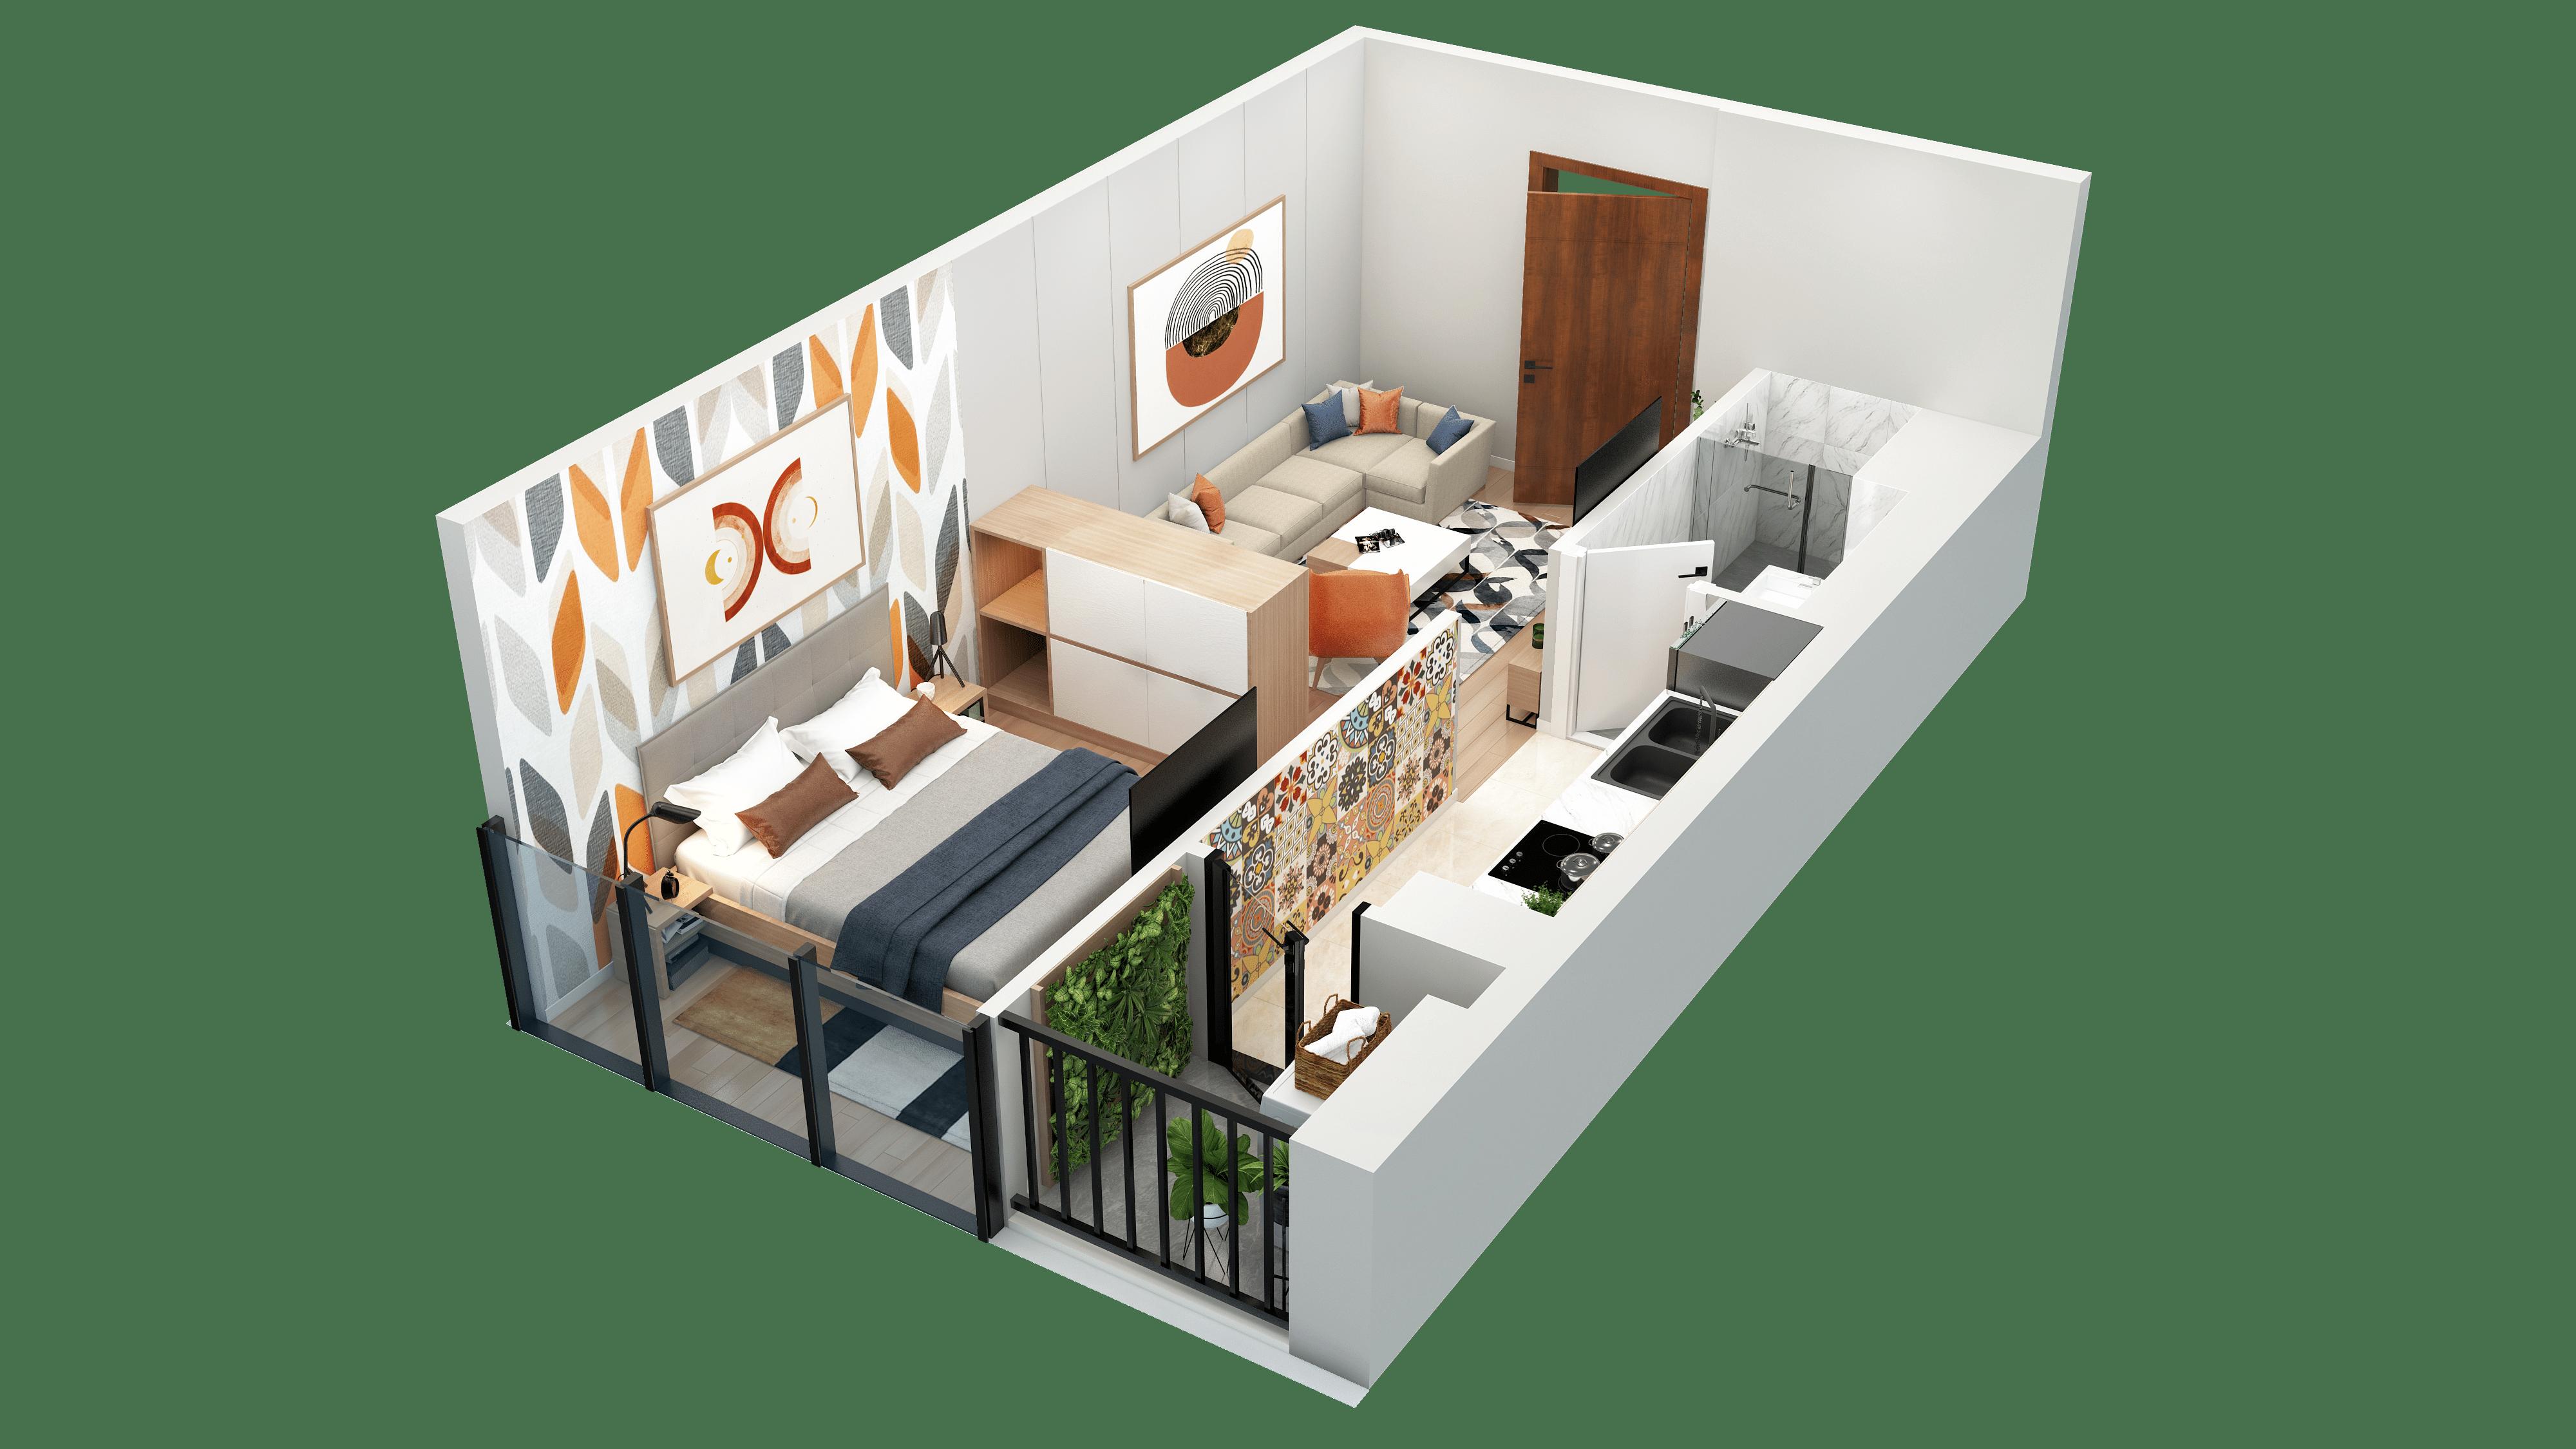 Thiết kế căn hộ 14 chung cư tnr the nosta